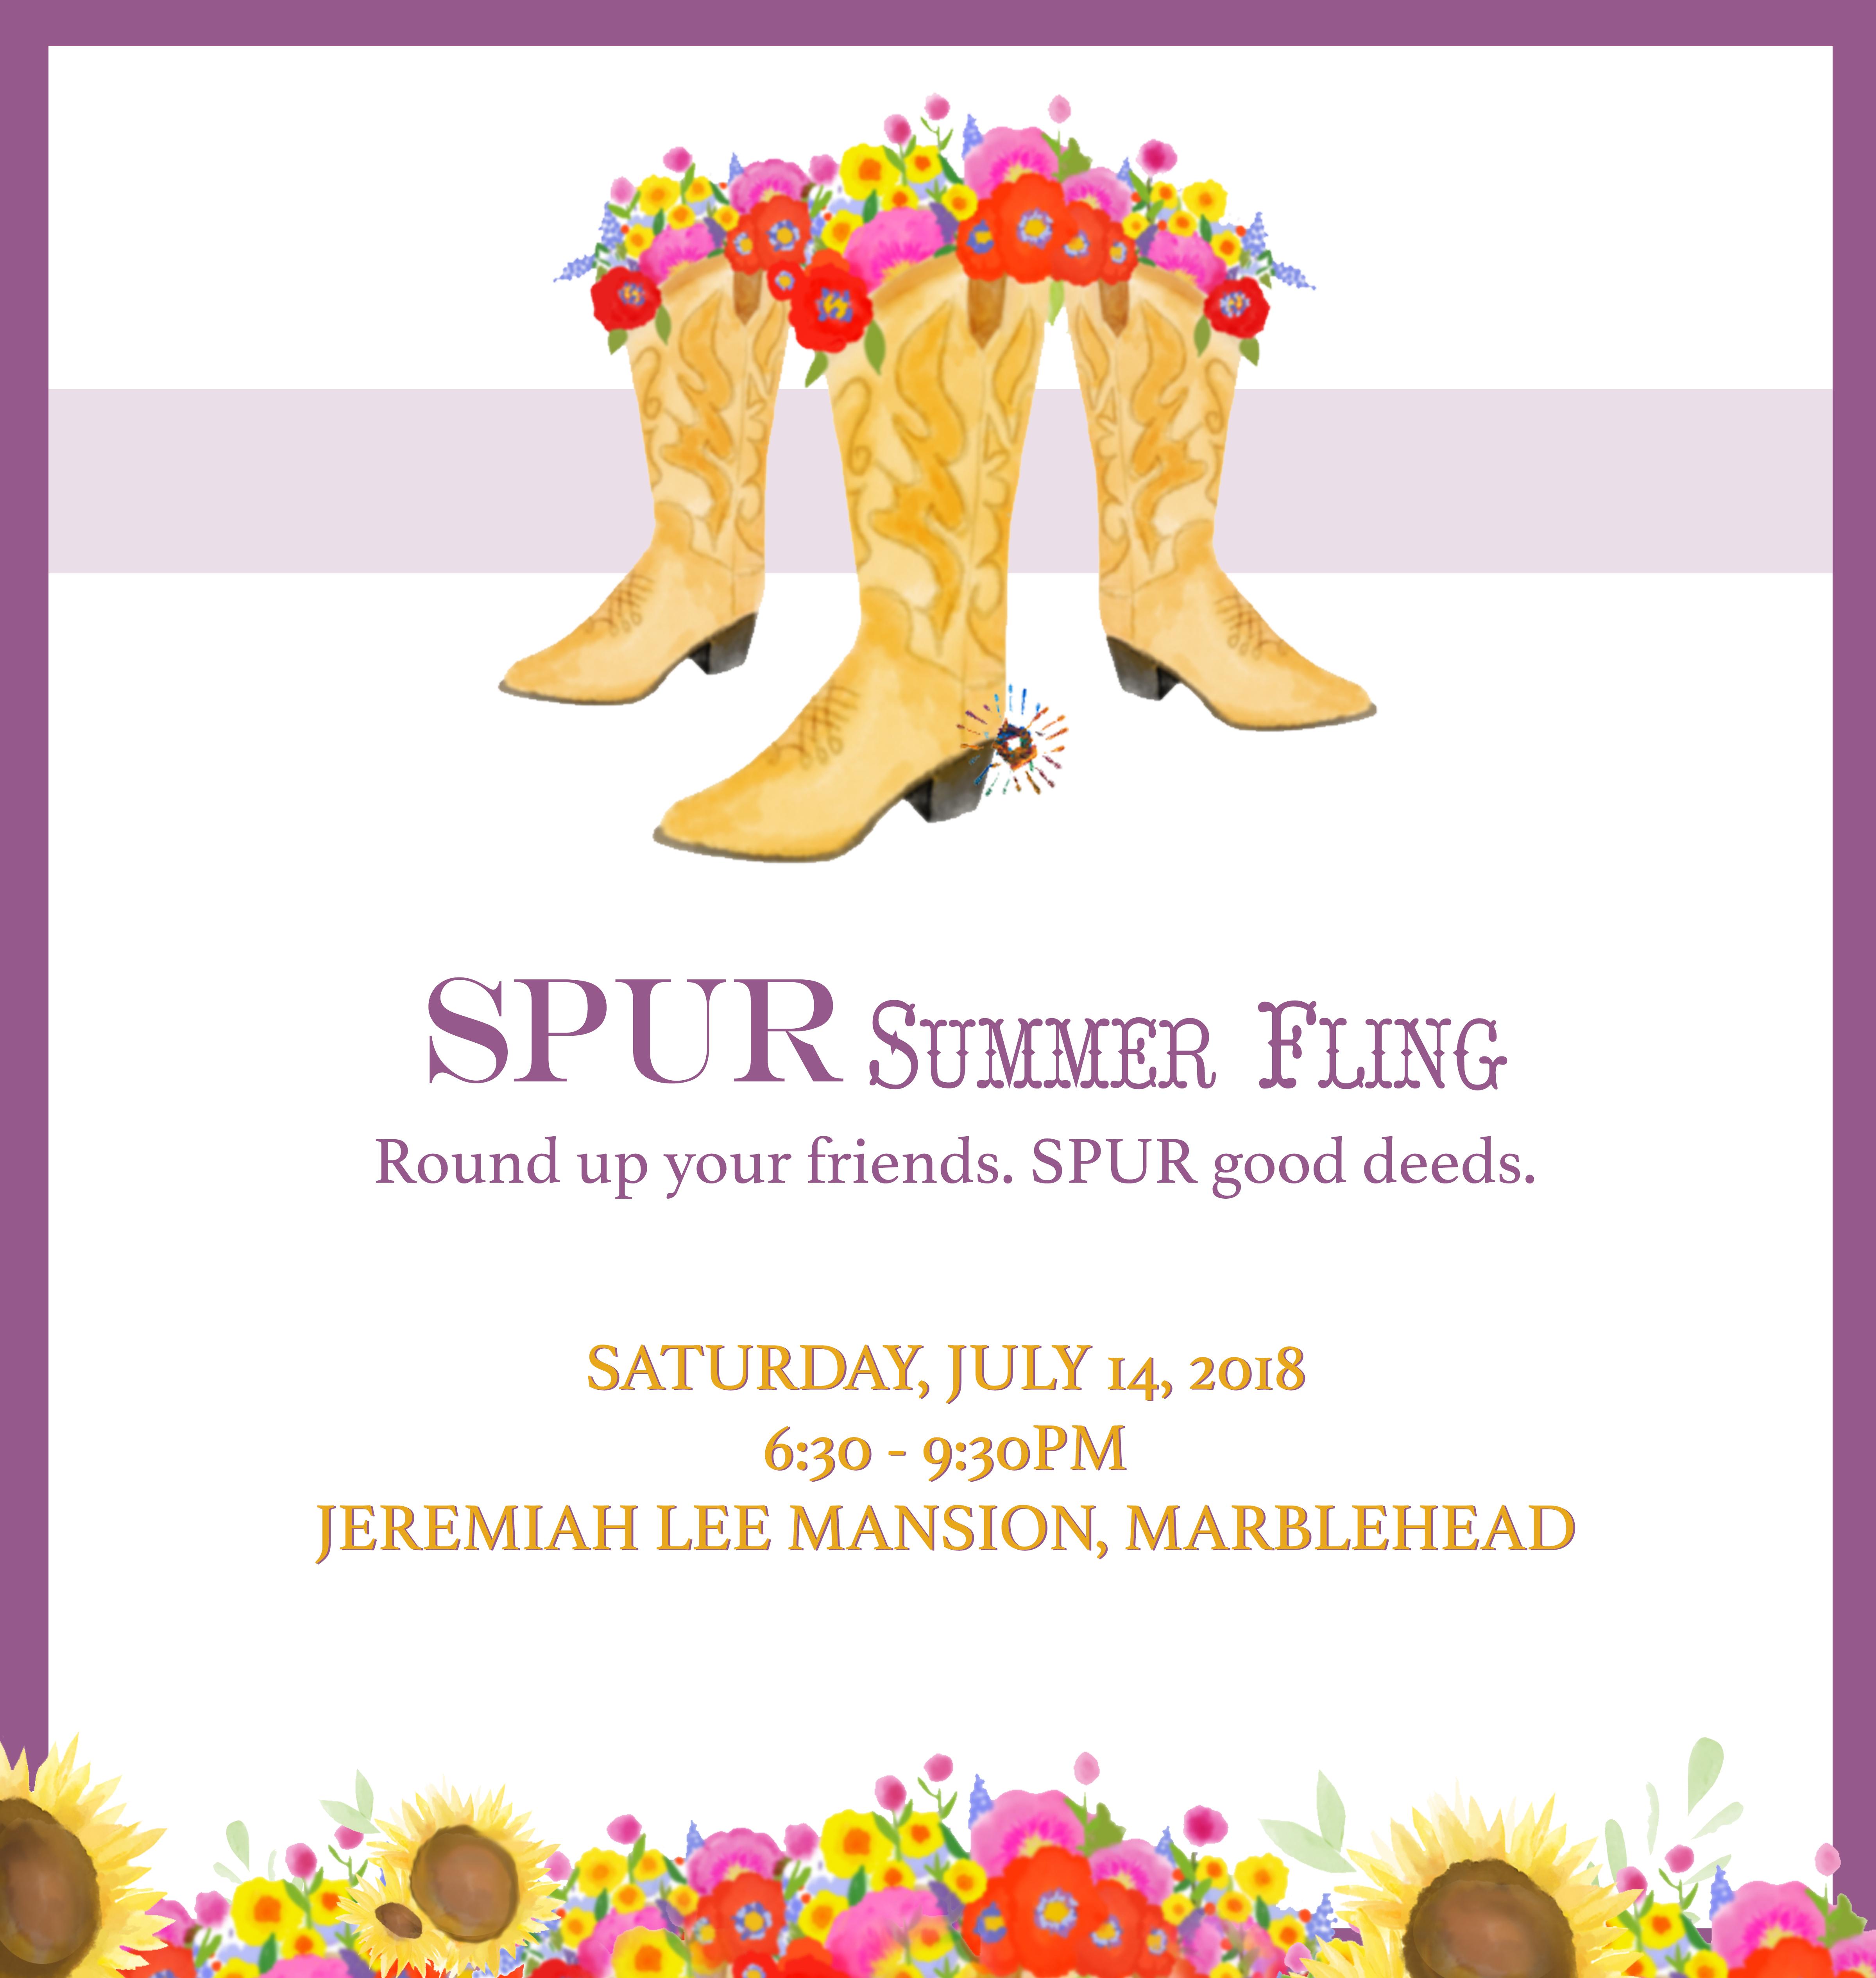 2018 Summer Fling Invite Web Graphic.jpg